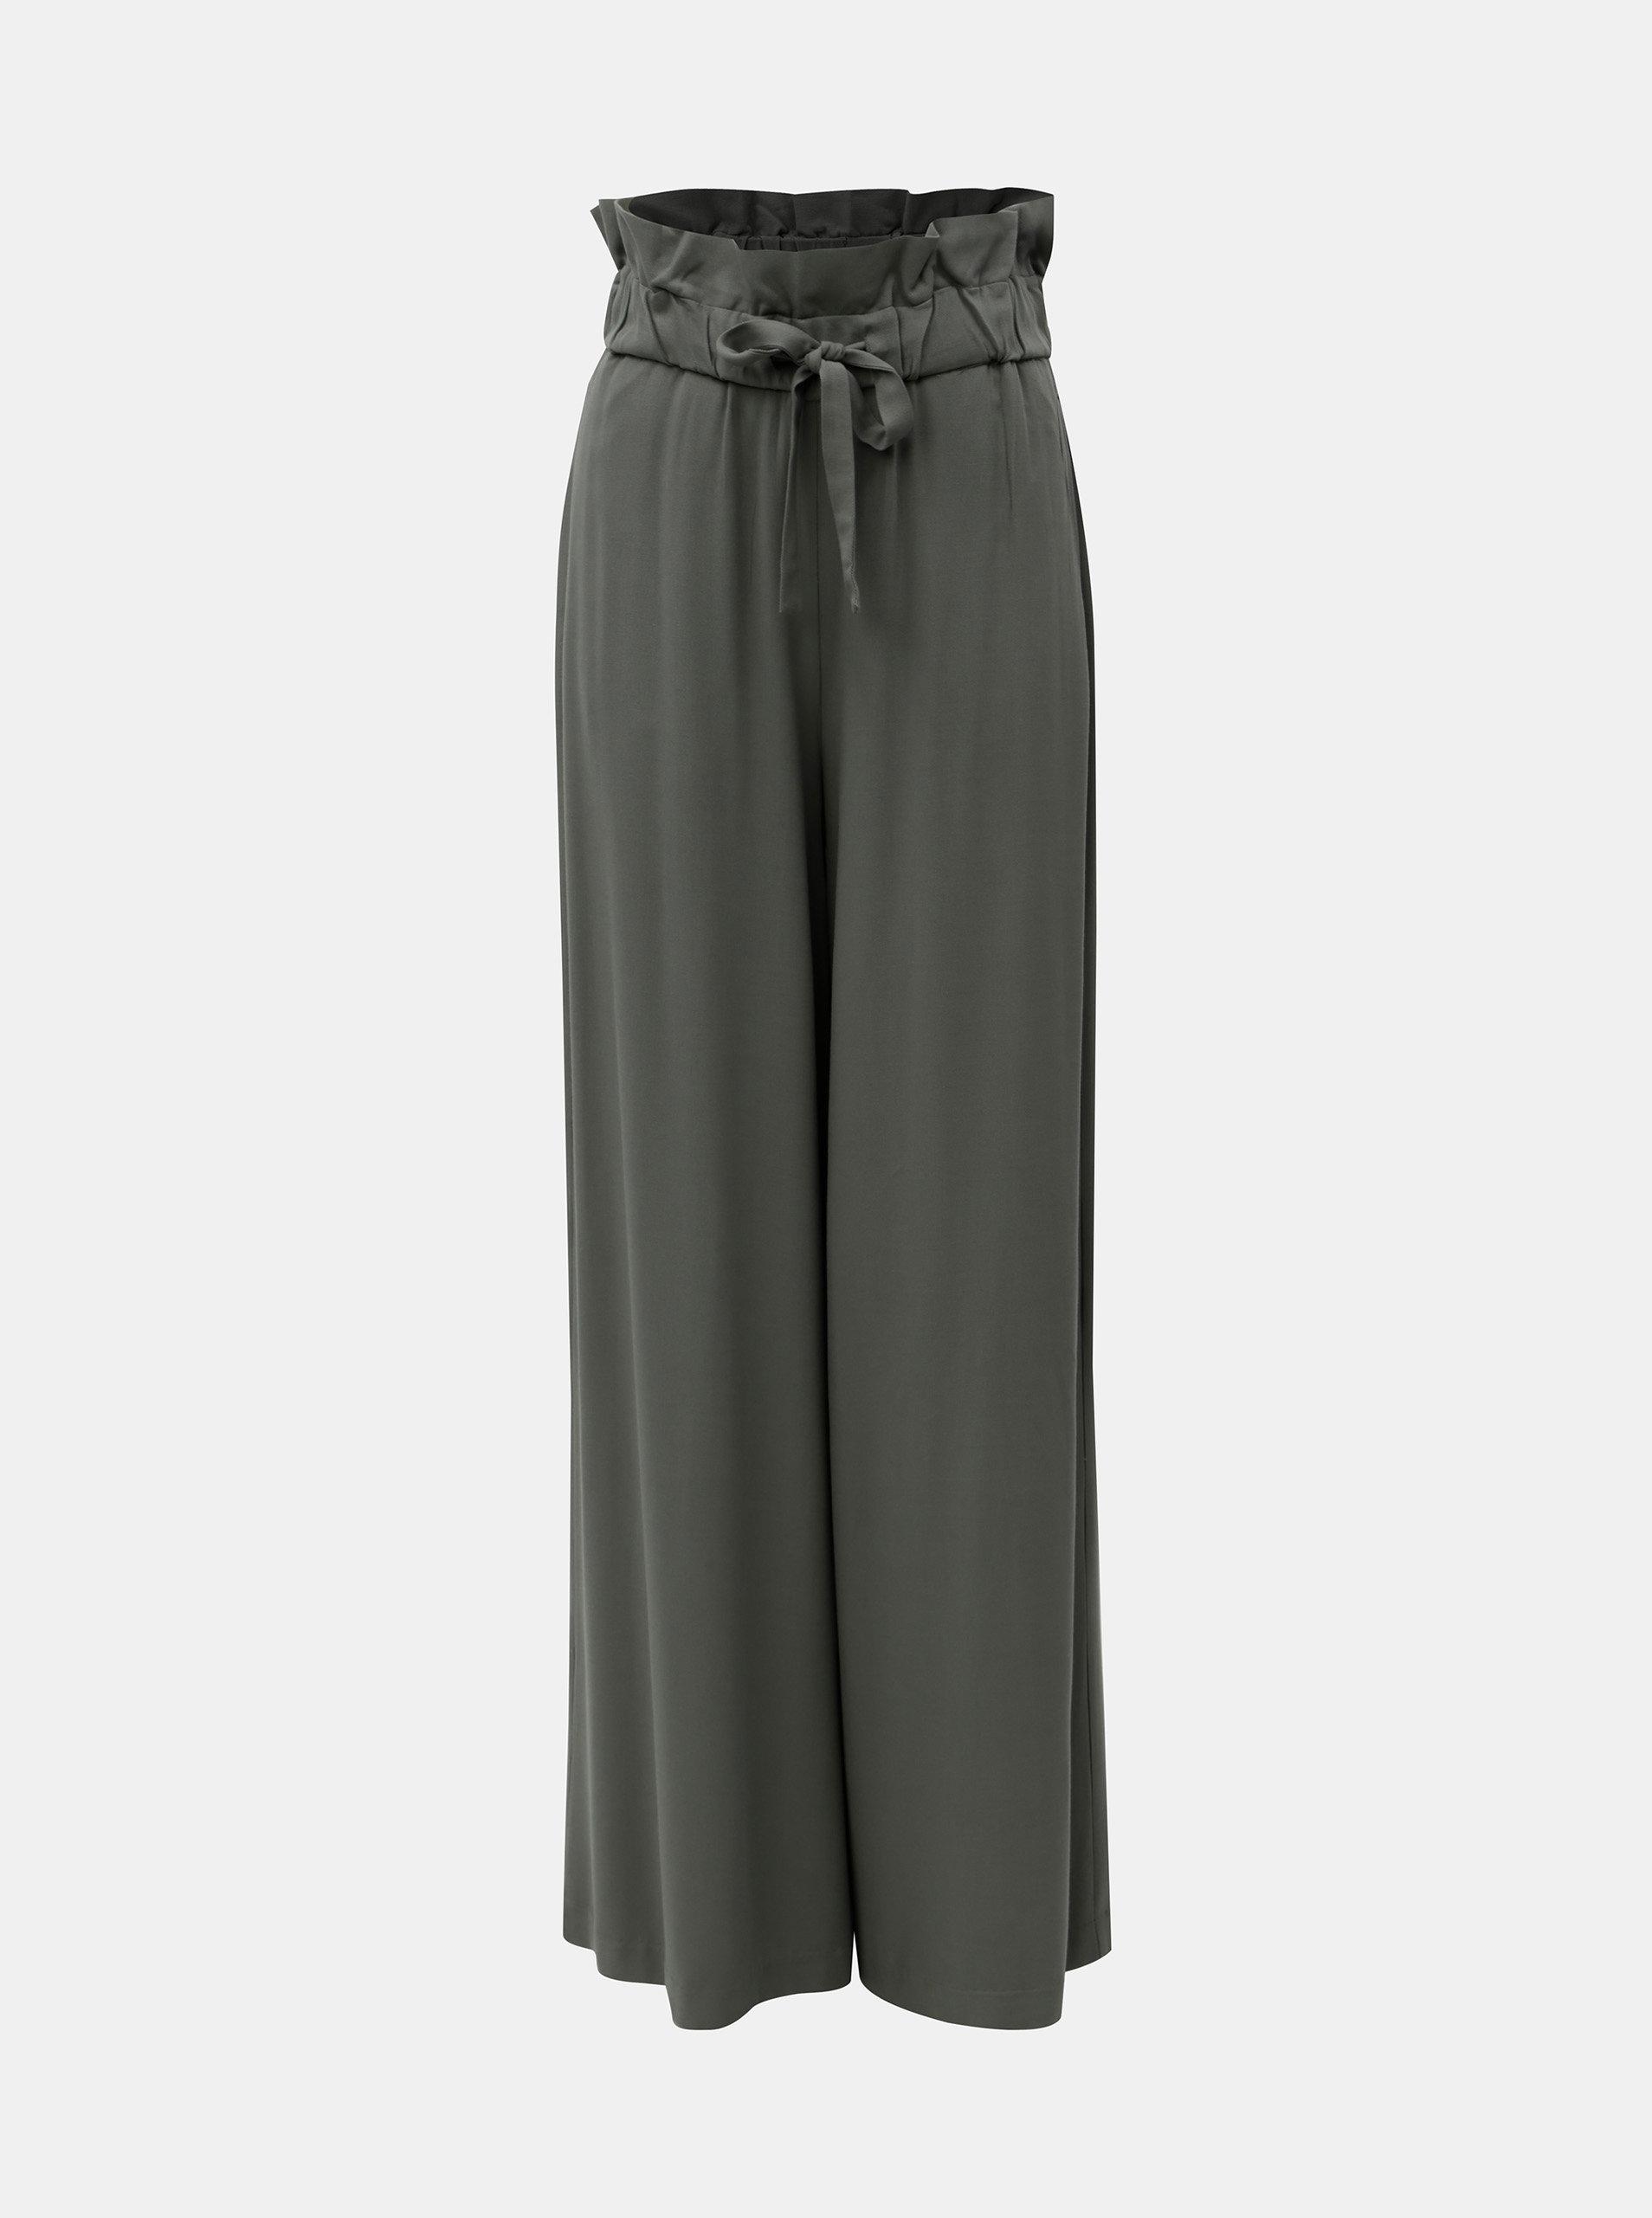 Zelené široké kalhoty s gumou v pase VILA Amaly 8e8fb7ca7151f